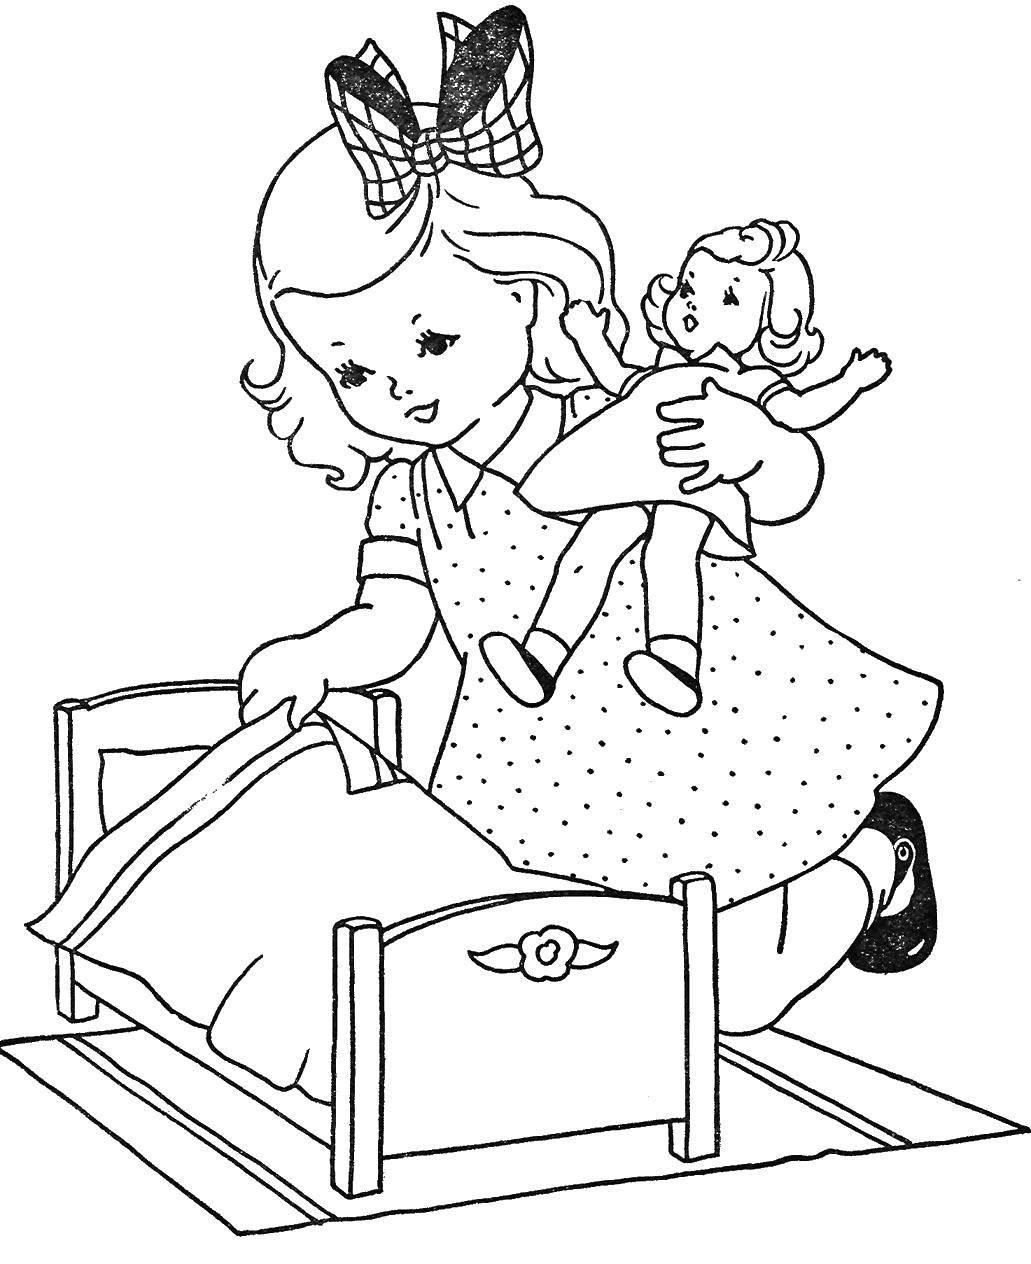 Фото куклы которая плачет данной коллекции